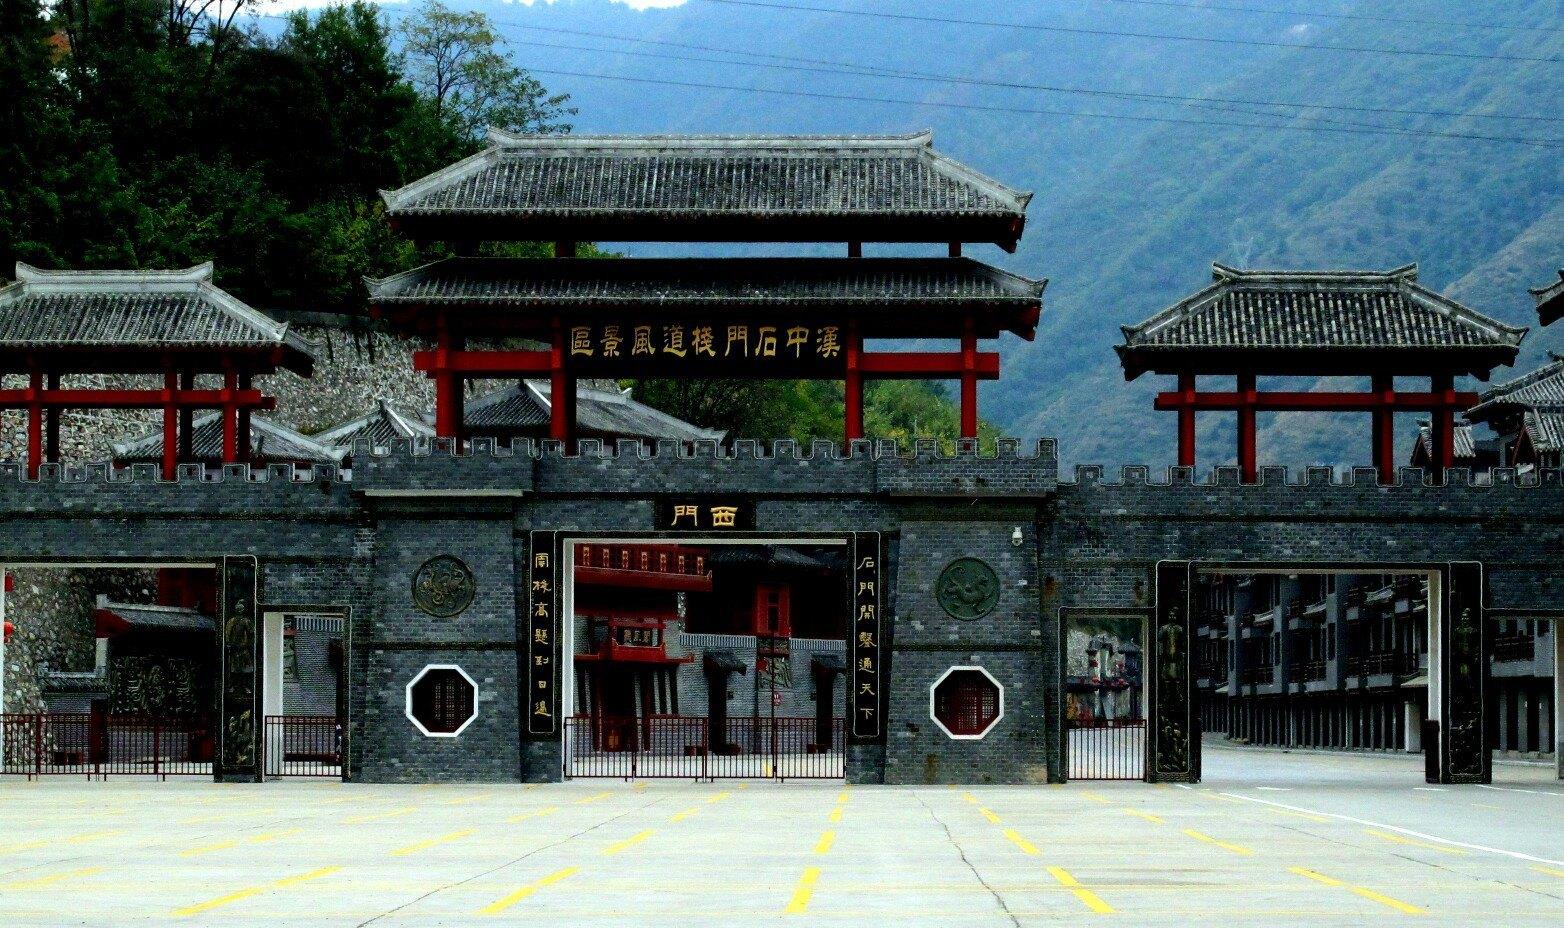 老先生书斋 历史名城  石门栈道风景区位于汉中市西北郊,距离汉中城区